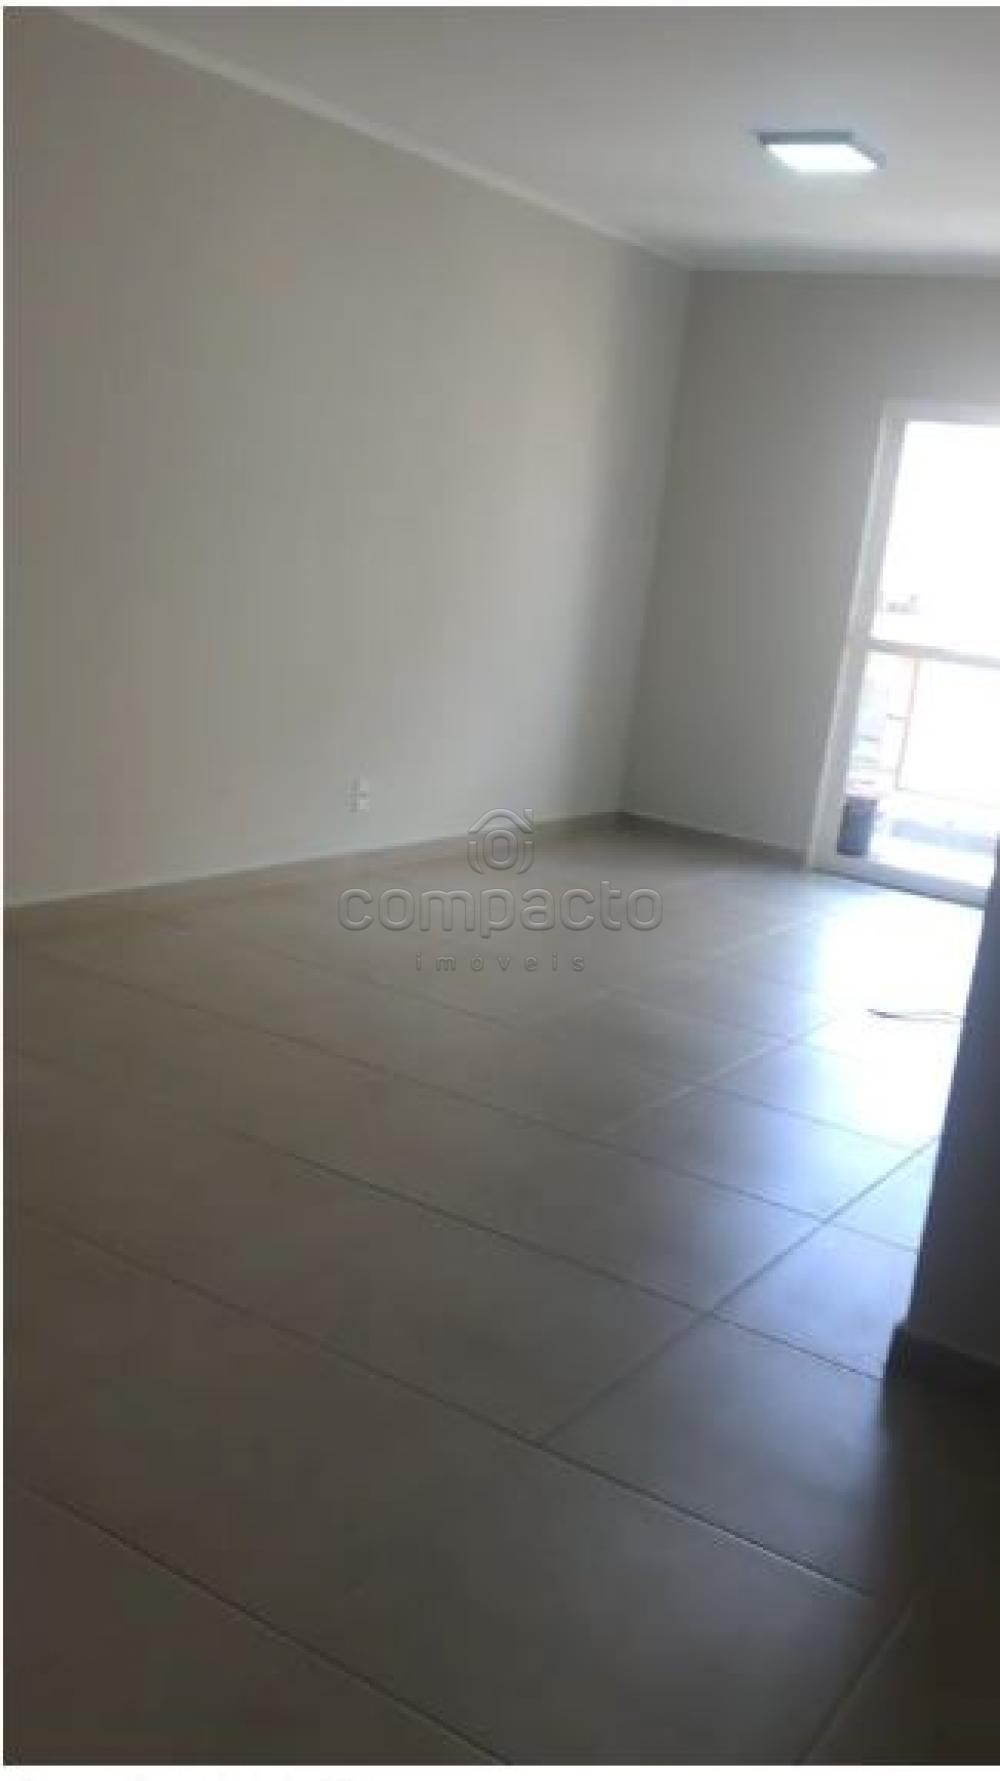 Comprar Apartamento / Padrão em São José do Rio Preto apenas R$ 230.000,00 - Foto 3